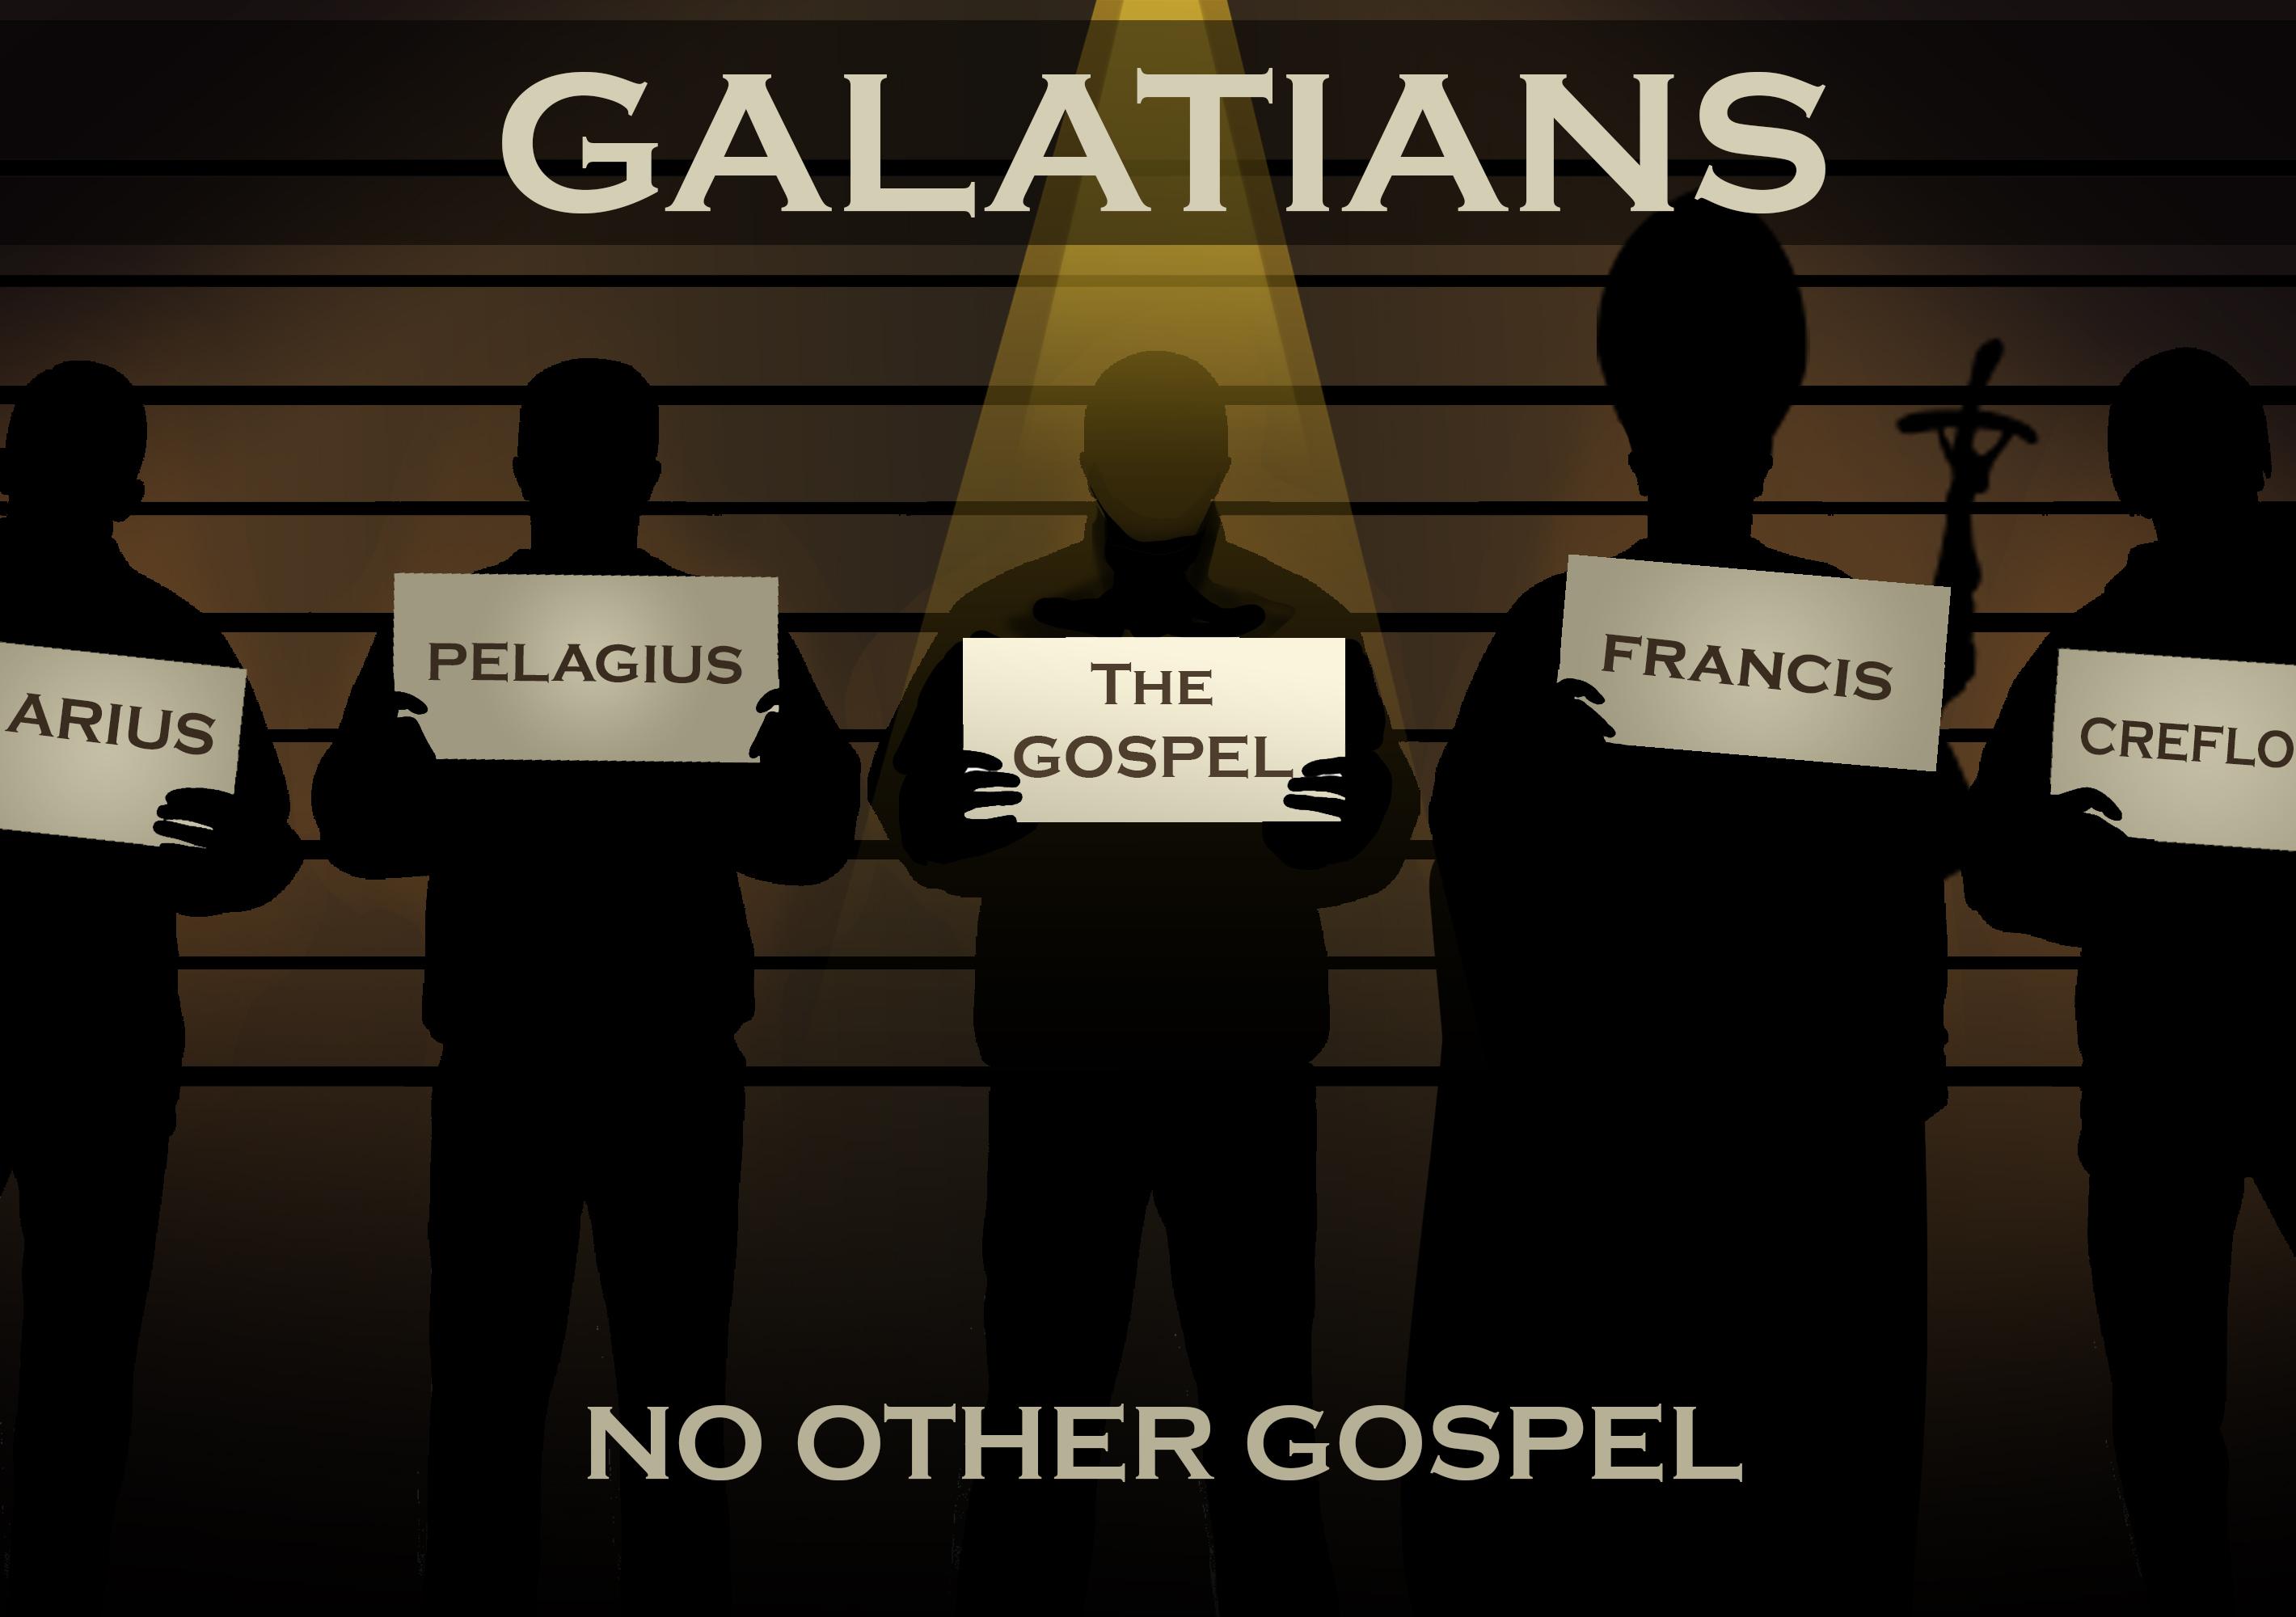 Galatians banner